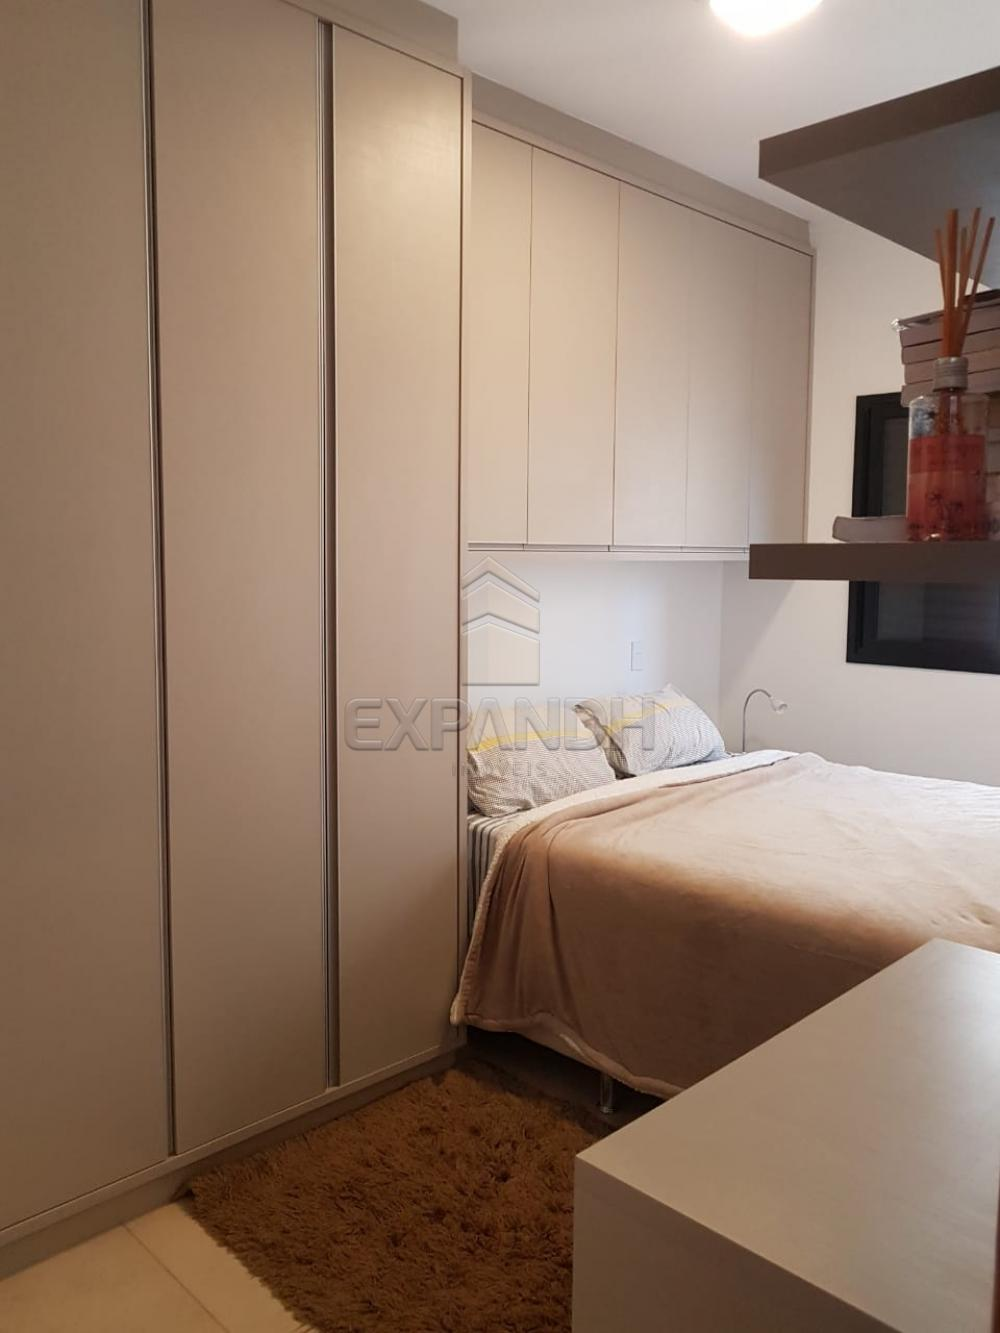 Comprar Apartamentos / Padrão em Sertãozinho apenas R$ 220.000,00 - Foto 10